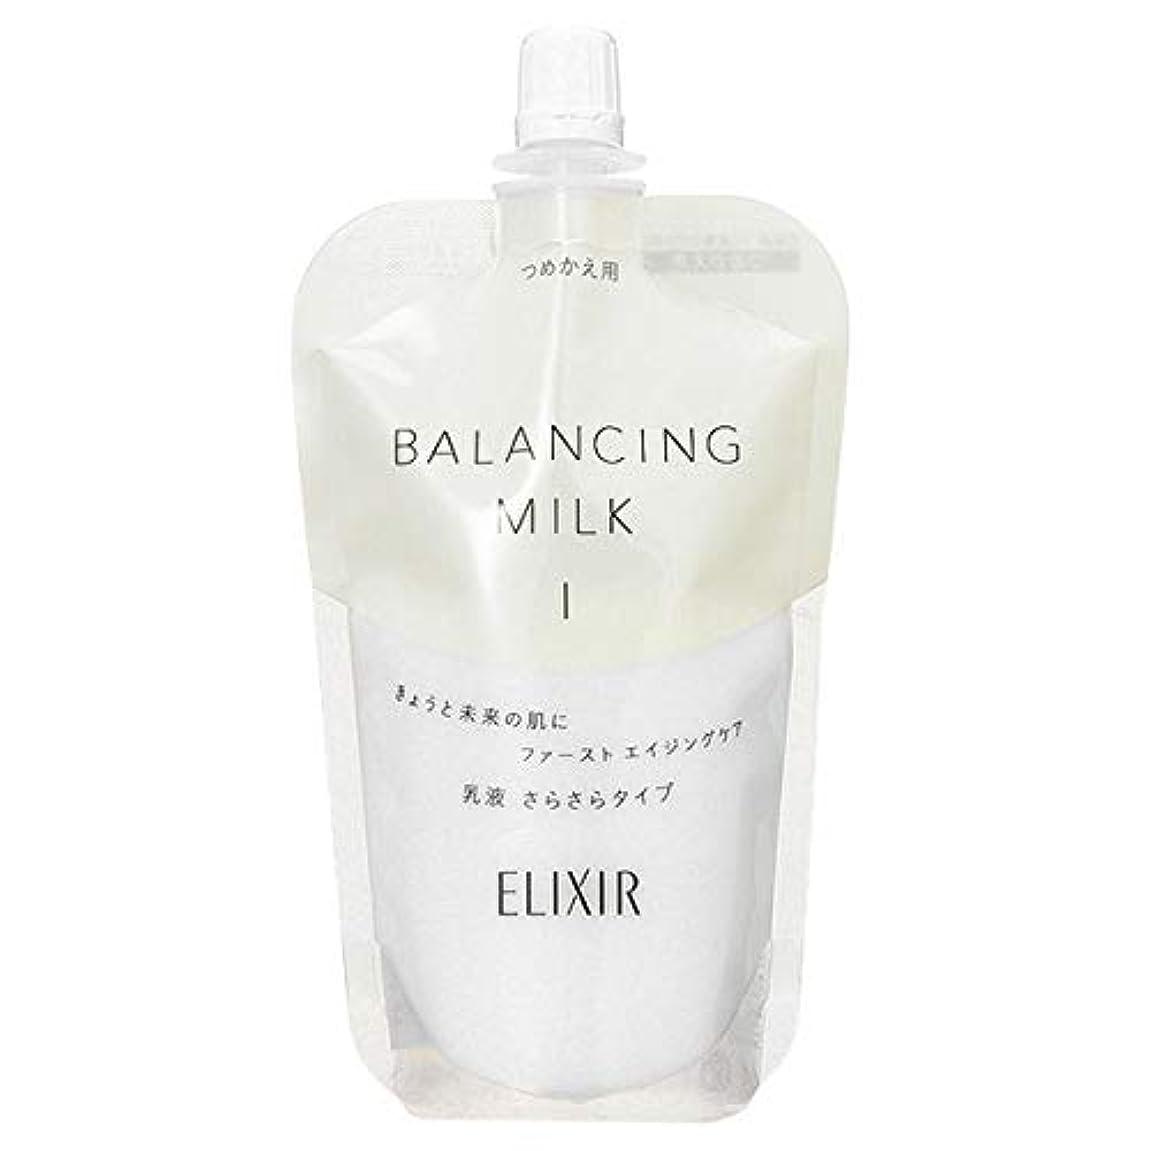 重量強度ズボンシセイドウ 資生堂 エリクシール ルフレ バランシング ミルク (つめかえ用) 110mL II とろとろタイプ (在庫) [並行輸入品]